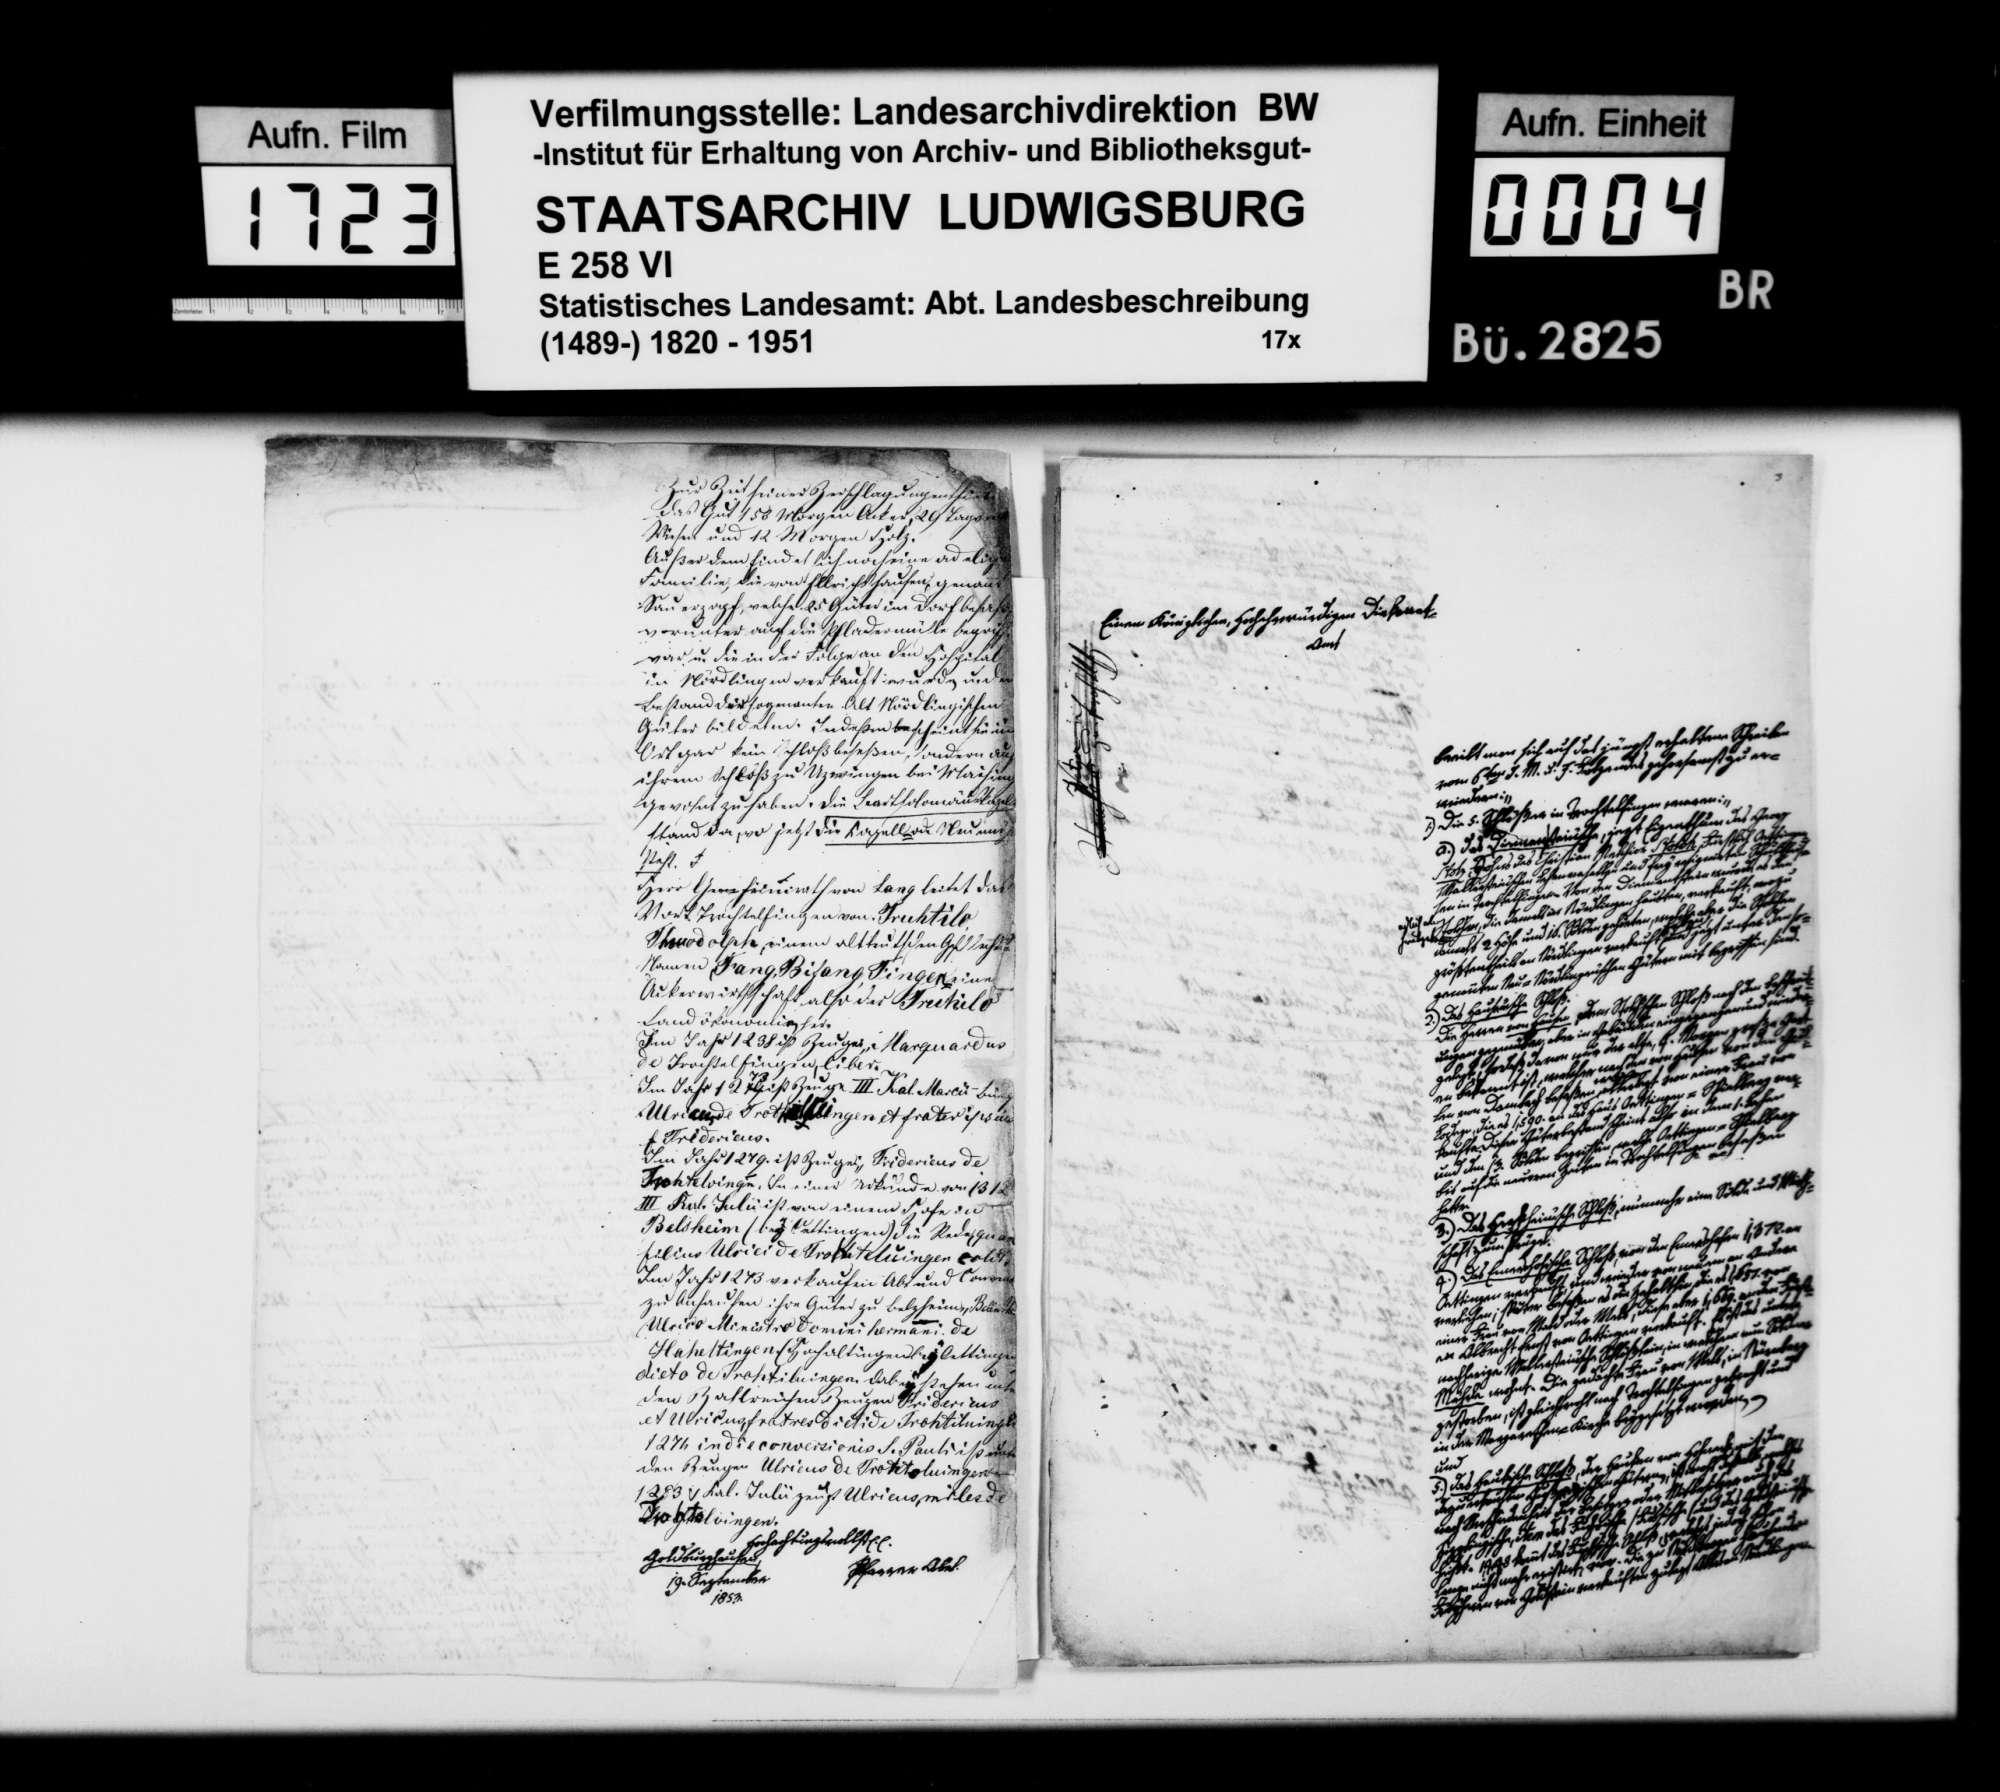 Beiträge des Pfarrers Abel aus Goldburghausen zur Historiographie des Oberamts, Bild 3